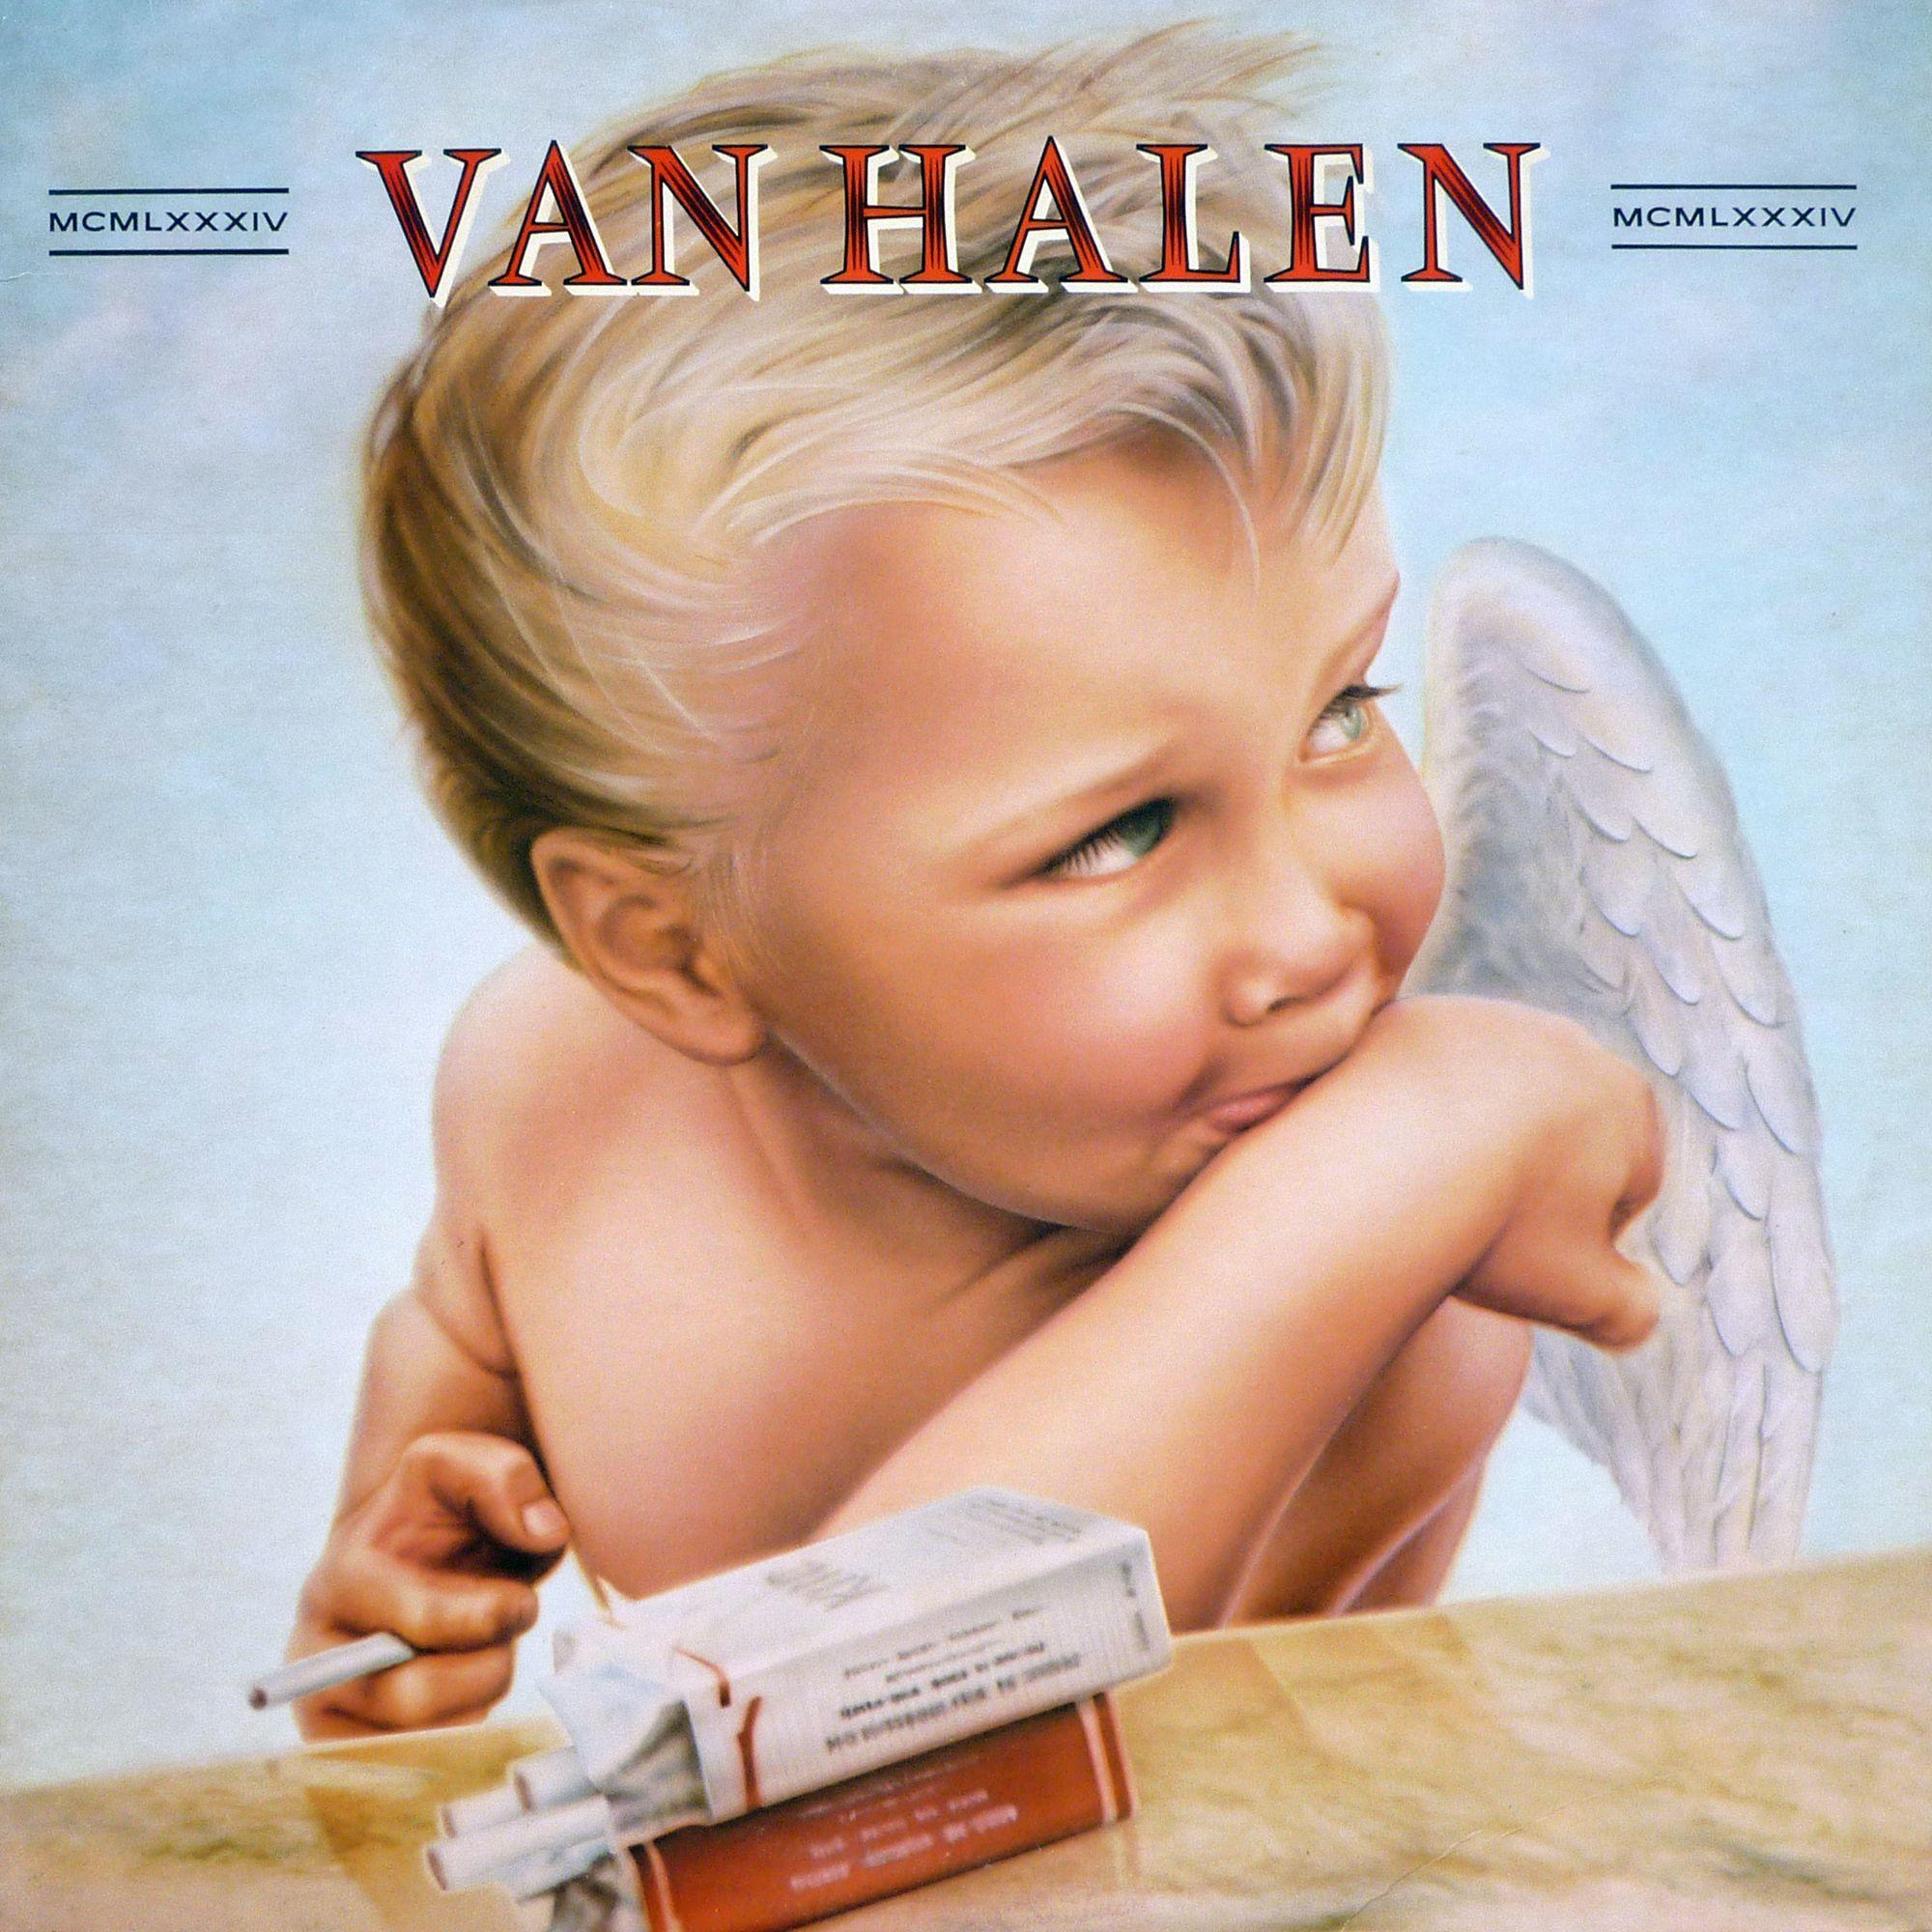 Oslo Presents Van Halen Mcmlxxxiv Van Halen Album Covers Van Halen Greatest Album Covers